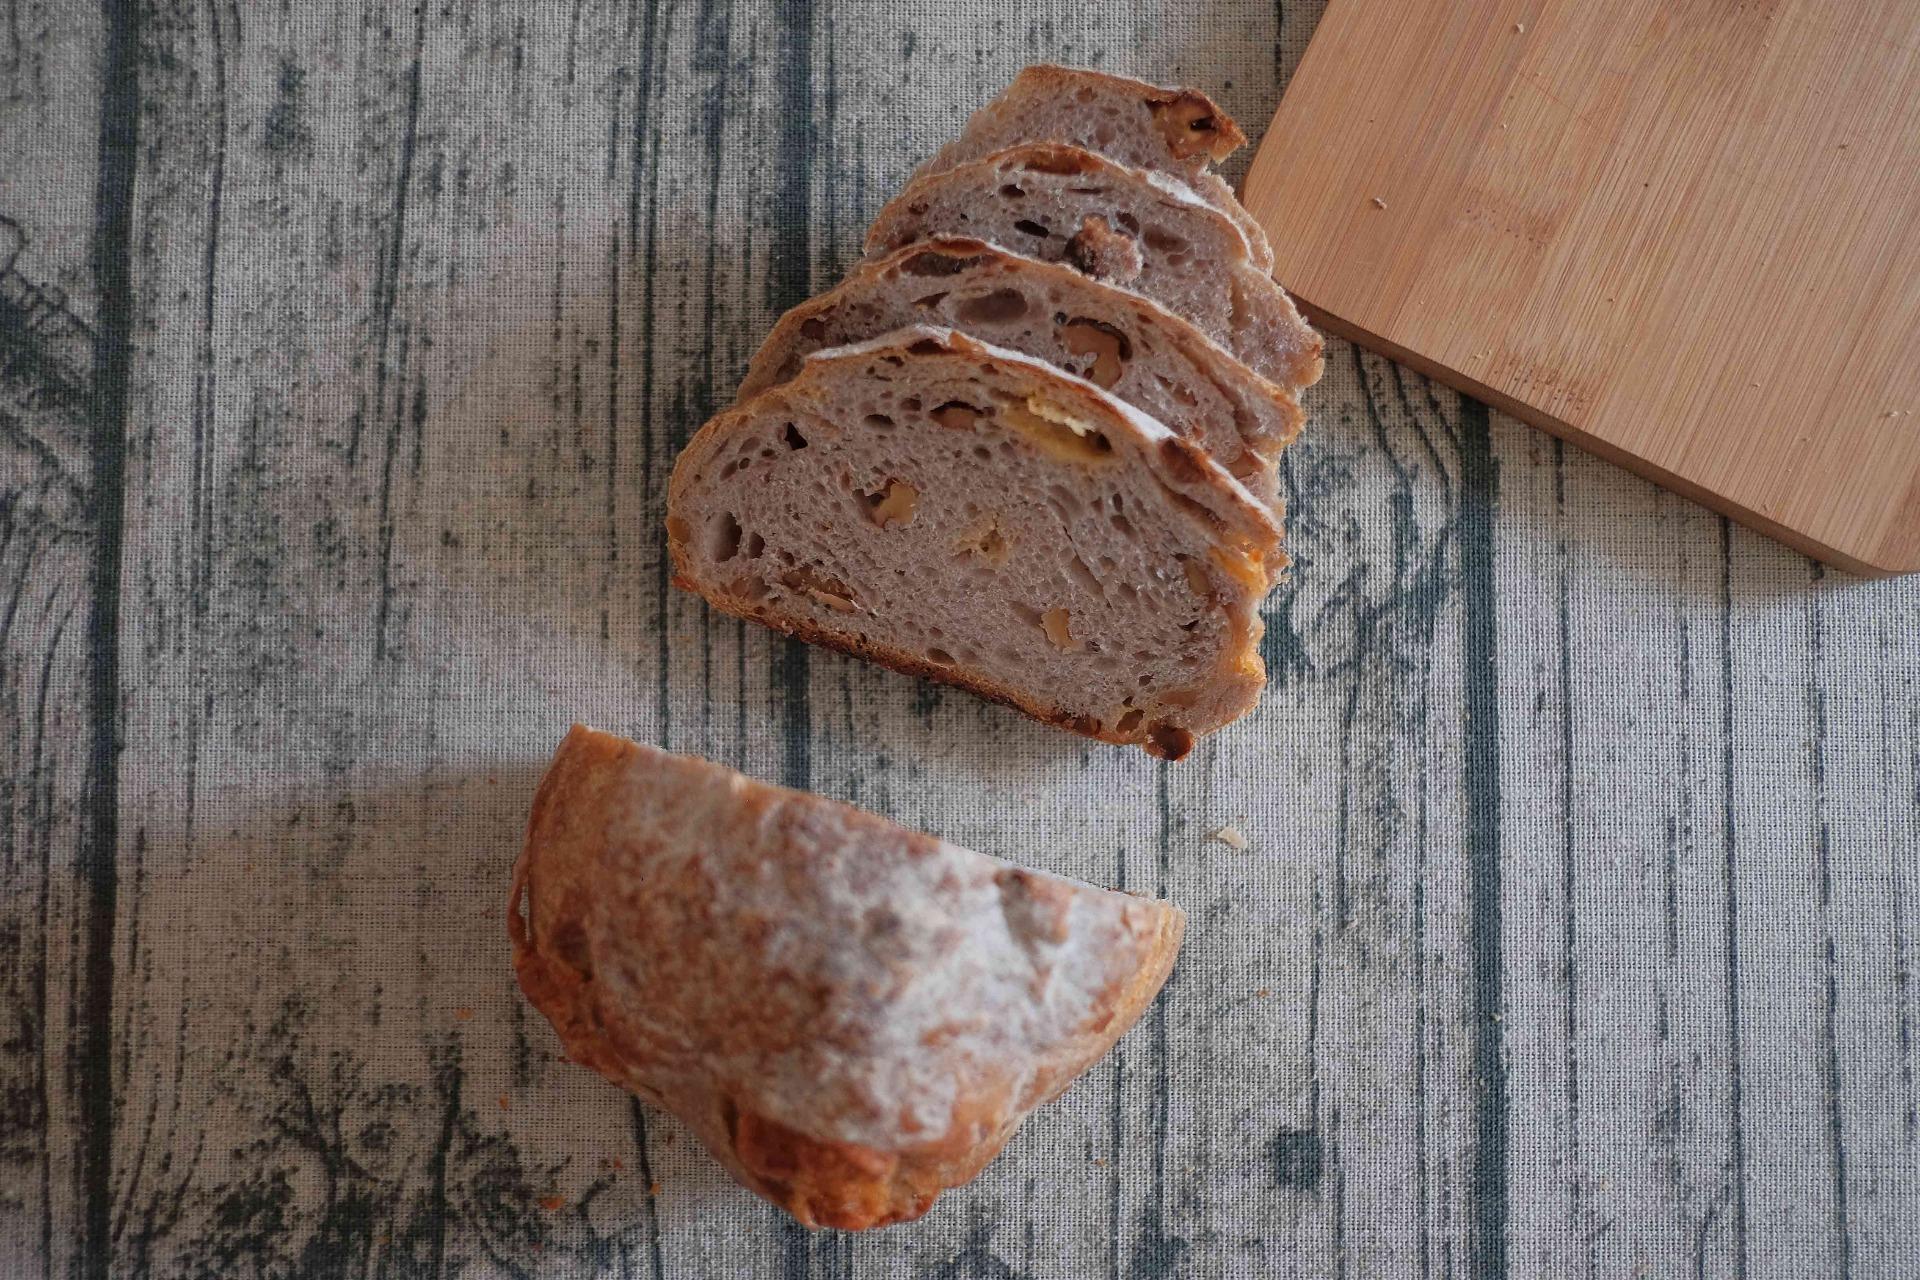 [麥來] 無糖無油麵包組 重味切達核桃大酸種 (450g*3入)